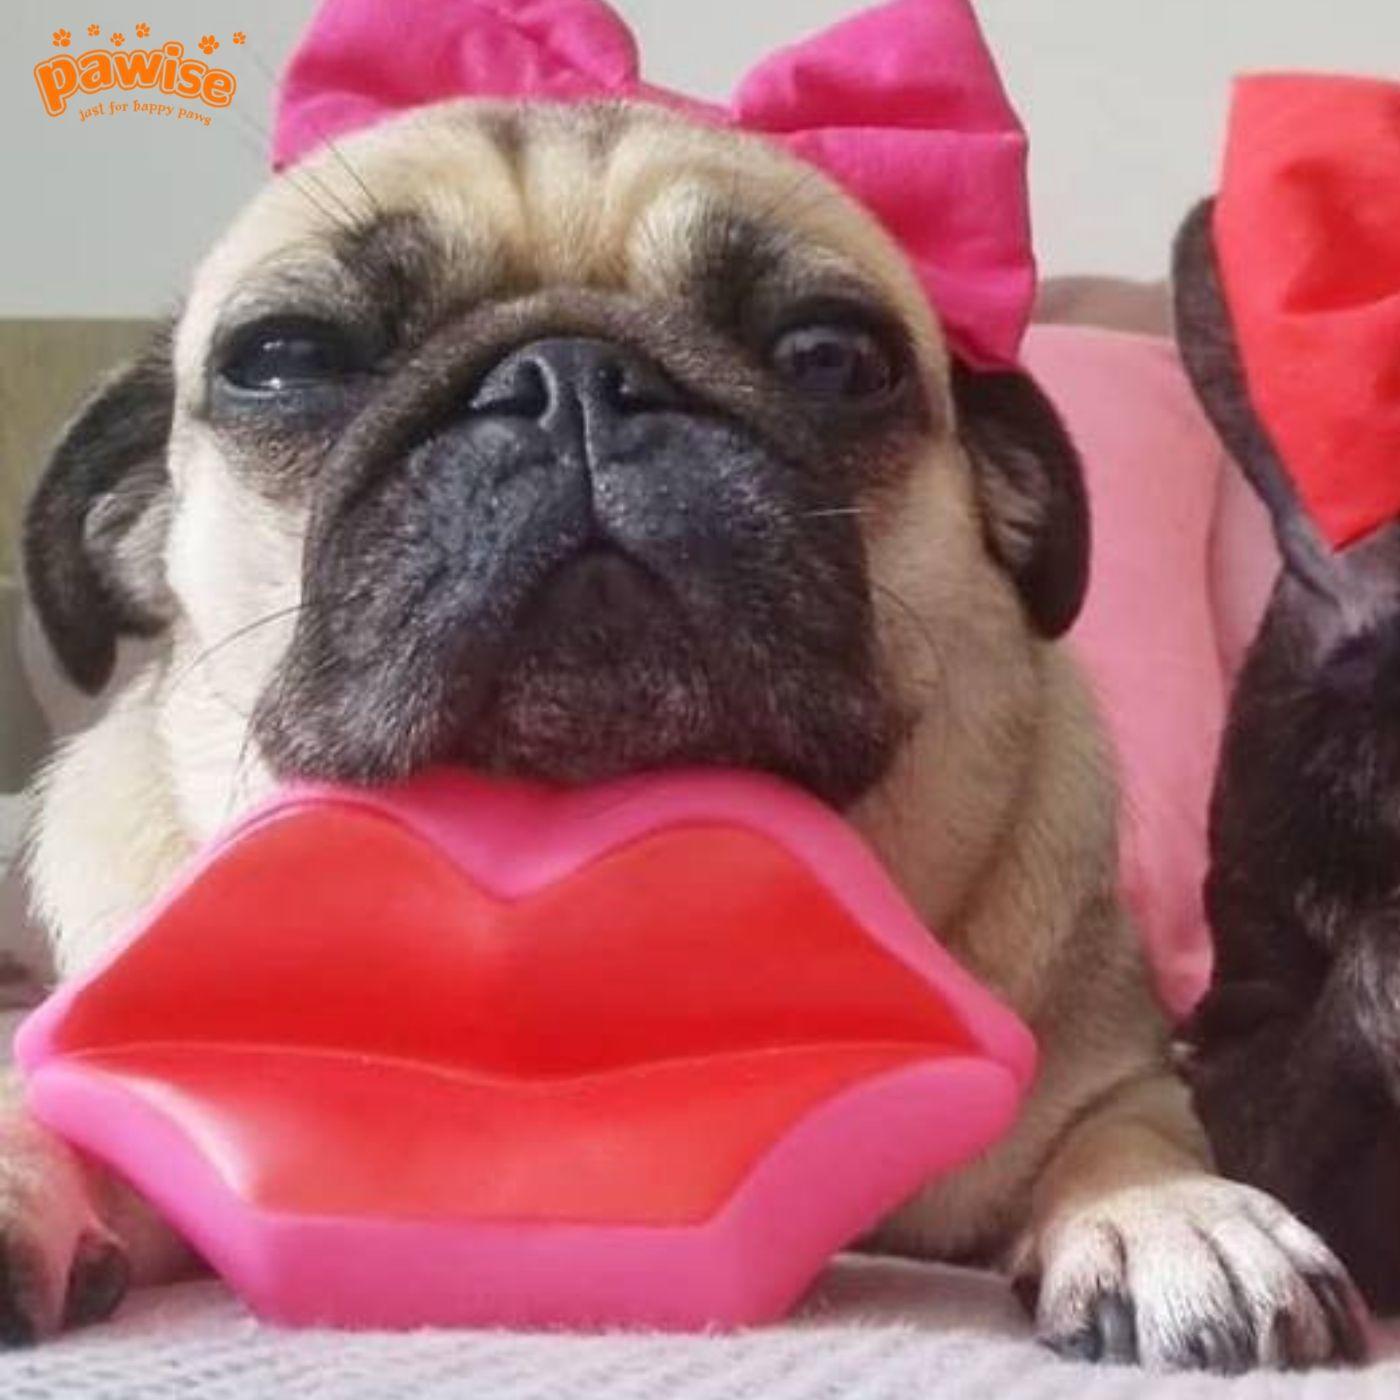 Brinquedo Lábios com Apito para Cachorro Pawise